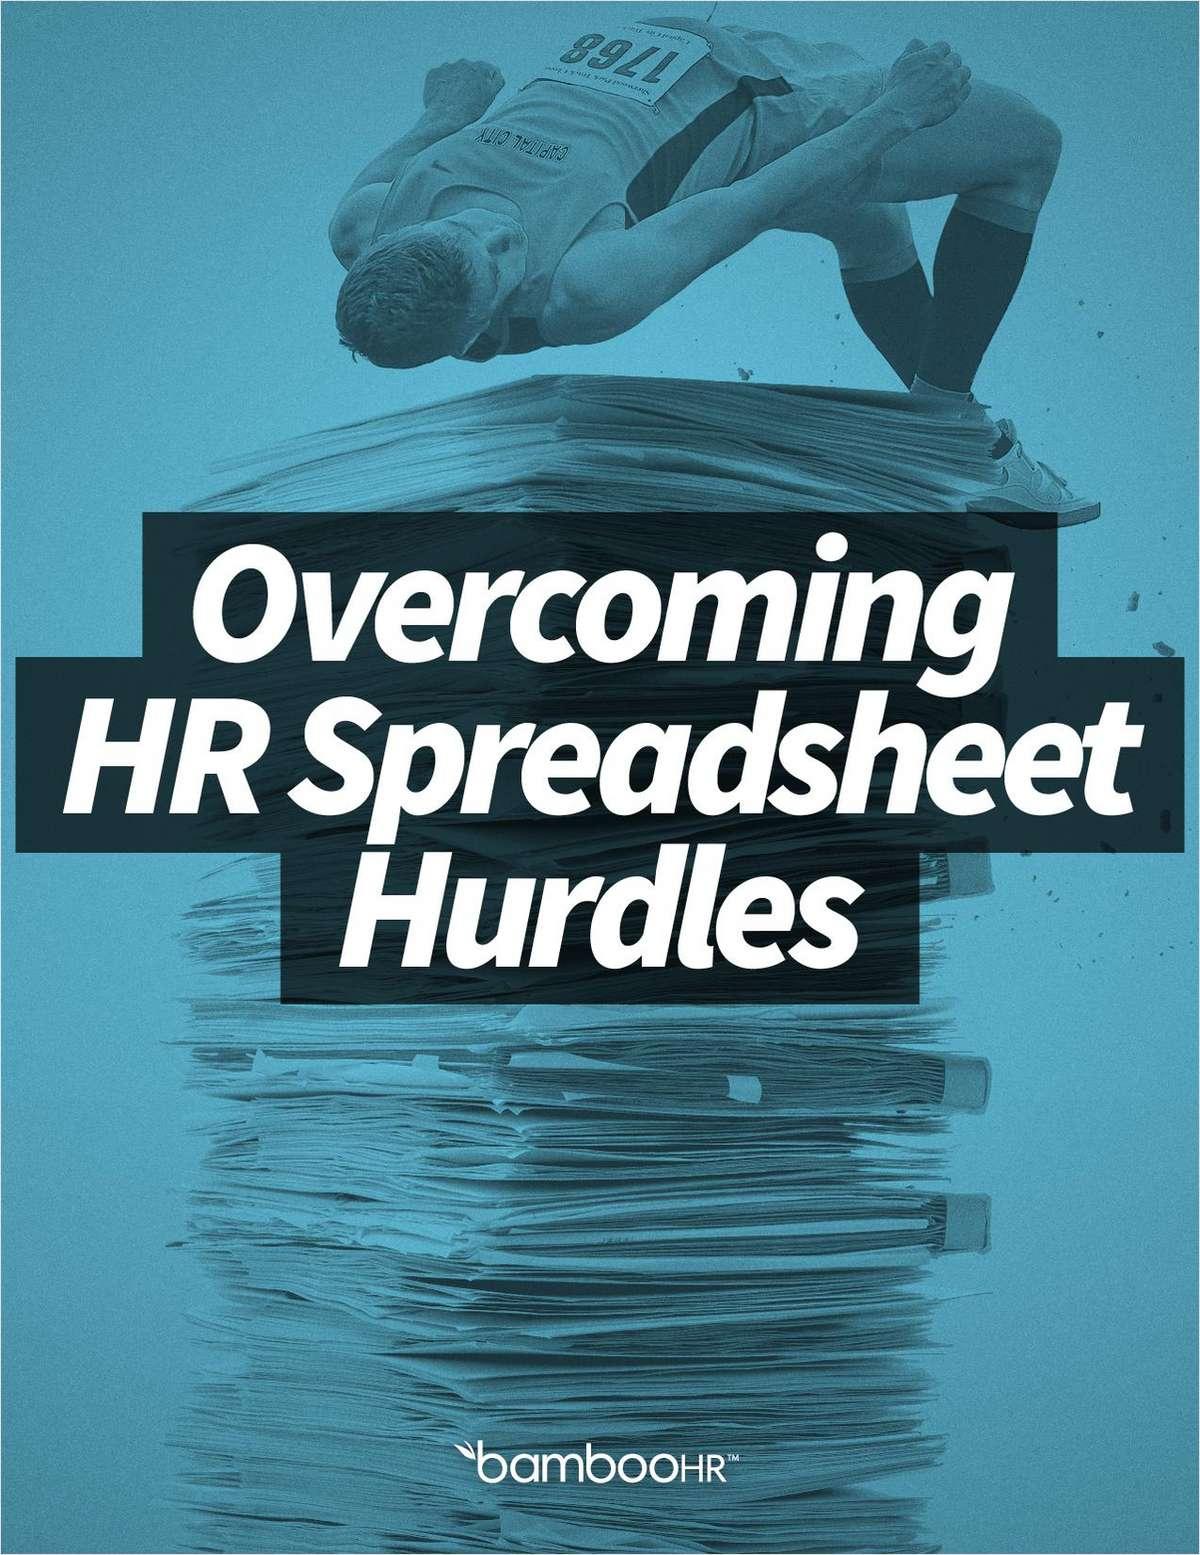 Overcoming HR Spreadsheet Hurdles